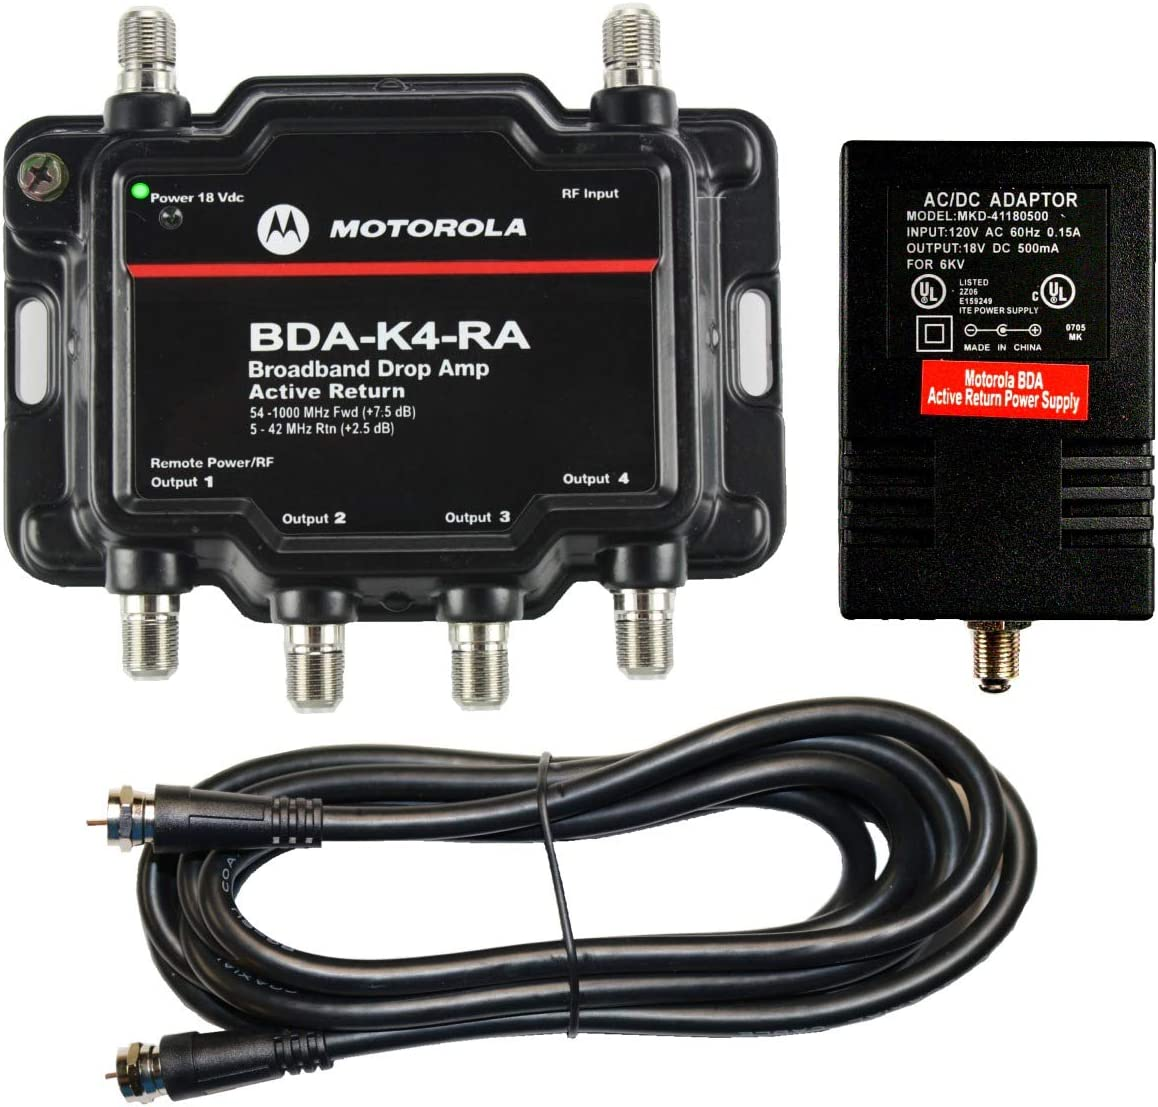 Motorola Amplificador de señal 4 Puertos Cable módem TV HDTV Amplificador con Retorno Activo Cable módem Boost: Amazon.es: Electrónica